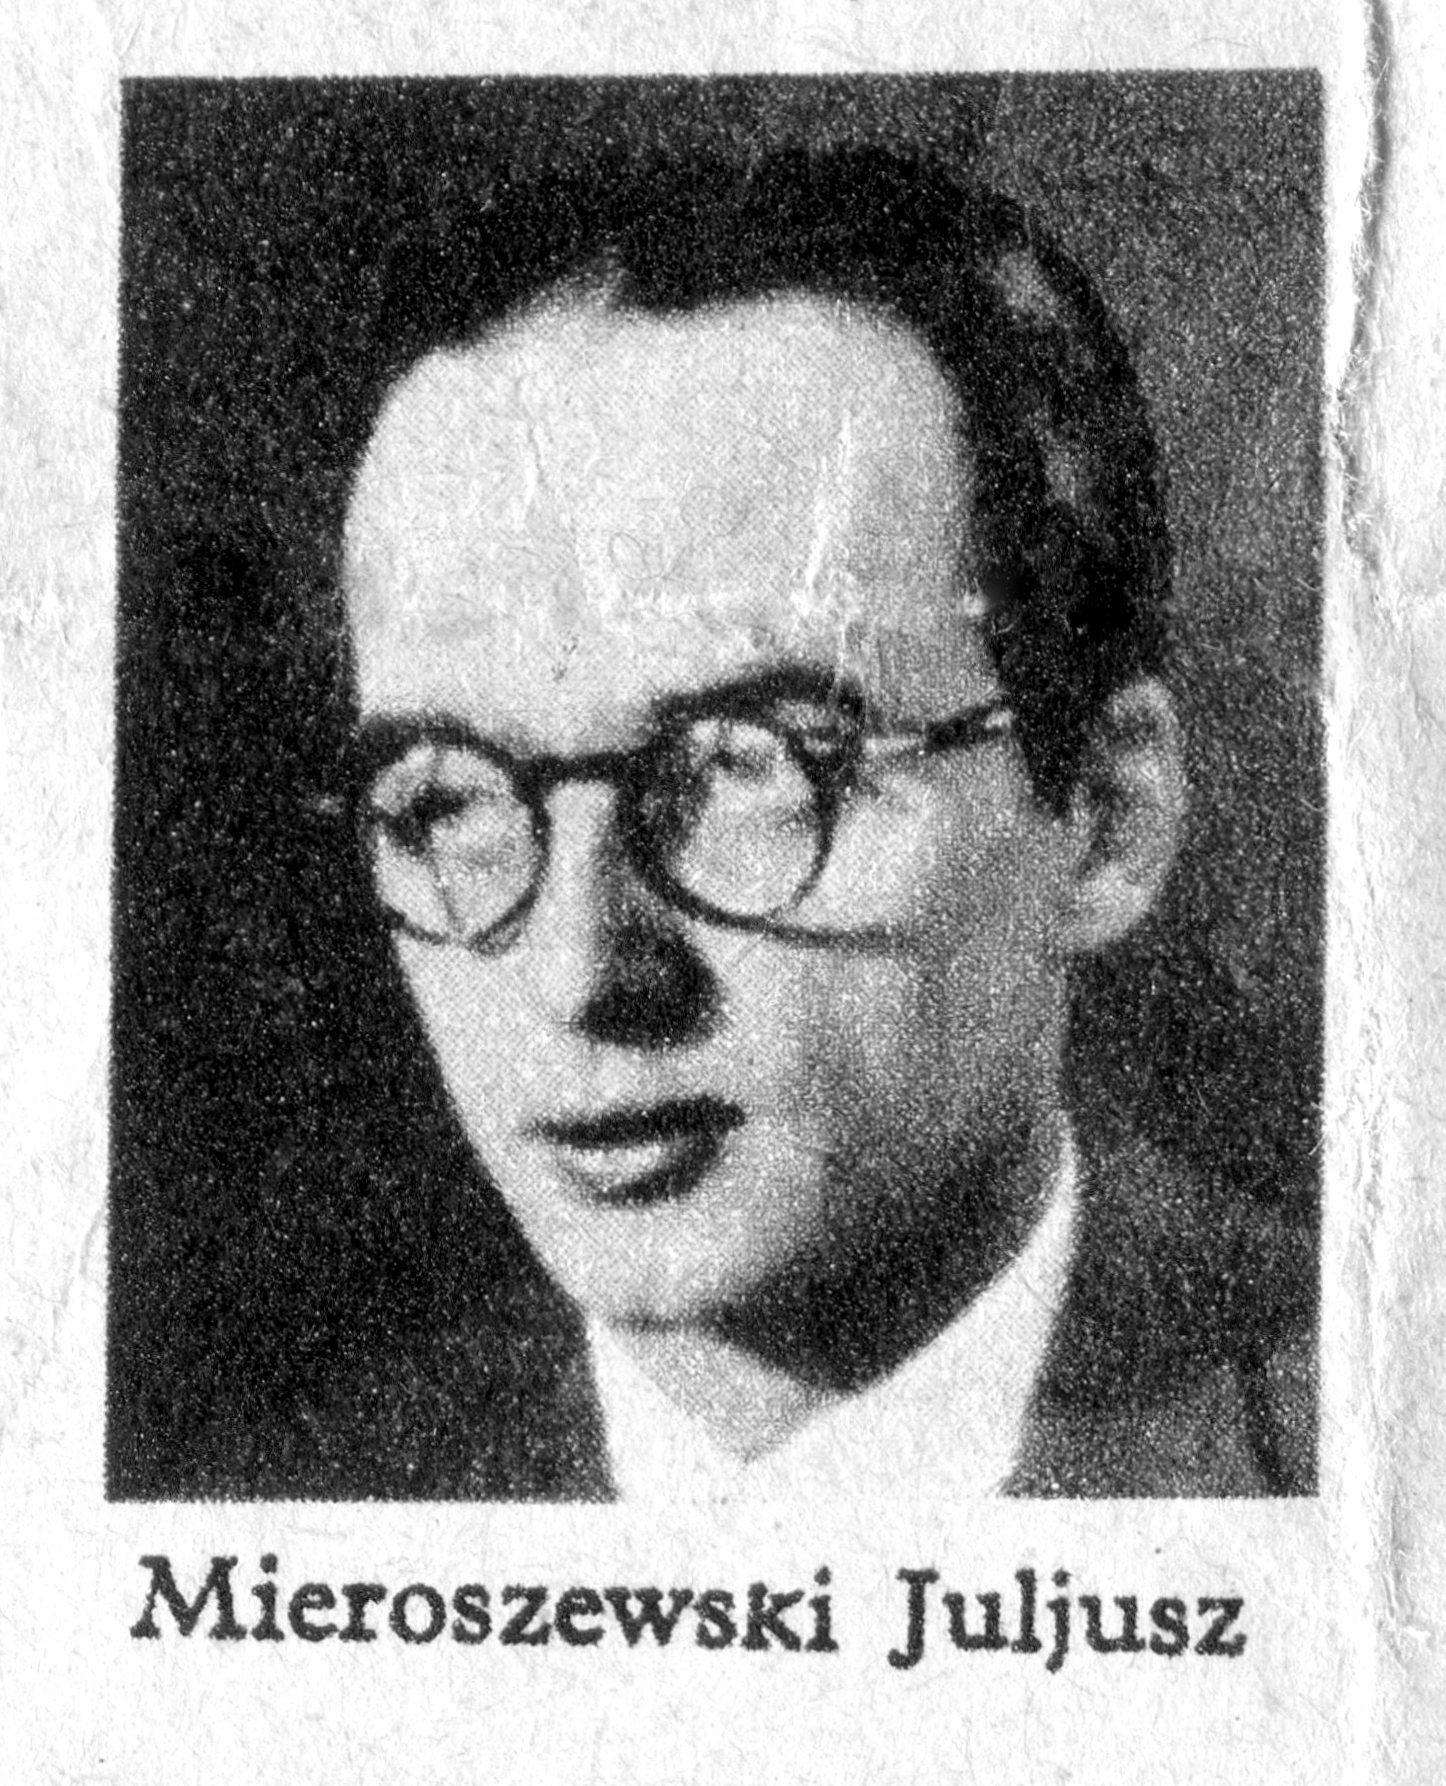 <div class='inner-box'><div class='close-desc'></div><span class='opis'>Fotografia Juliusza Mieroszewskiego zamieszczona w Ilustrowanym Kurierze Codziennym (I.K.C.) prawdopodobnie w numerze jubileuszowym pisma, w grudniu 1935 r.</span><div class='clearfix'></div><span>Шифр  sm00167</span><div class='clearfix'></div><span>© Instytut Literacki</span></div>